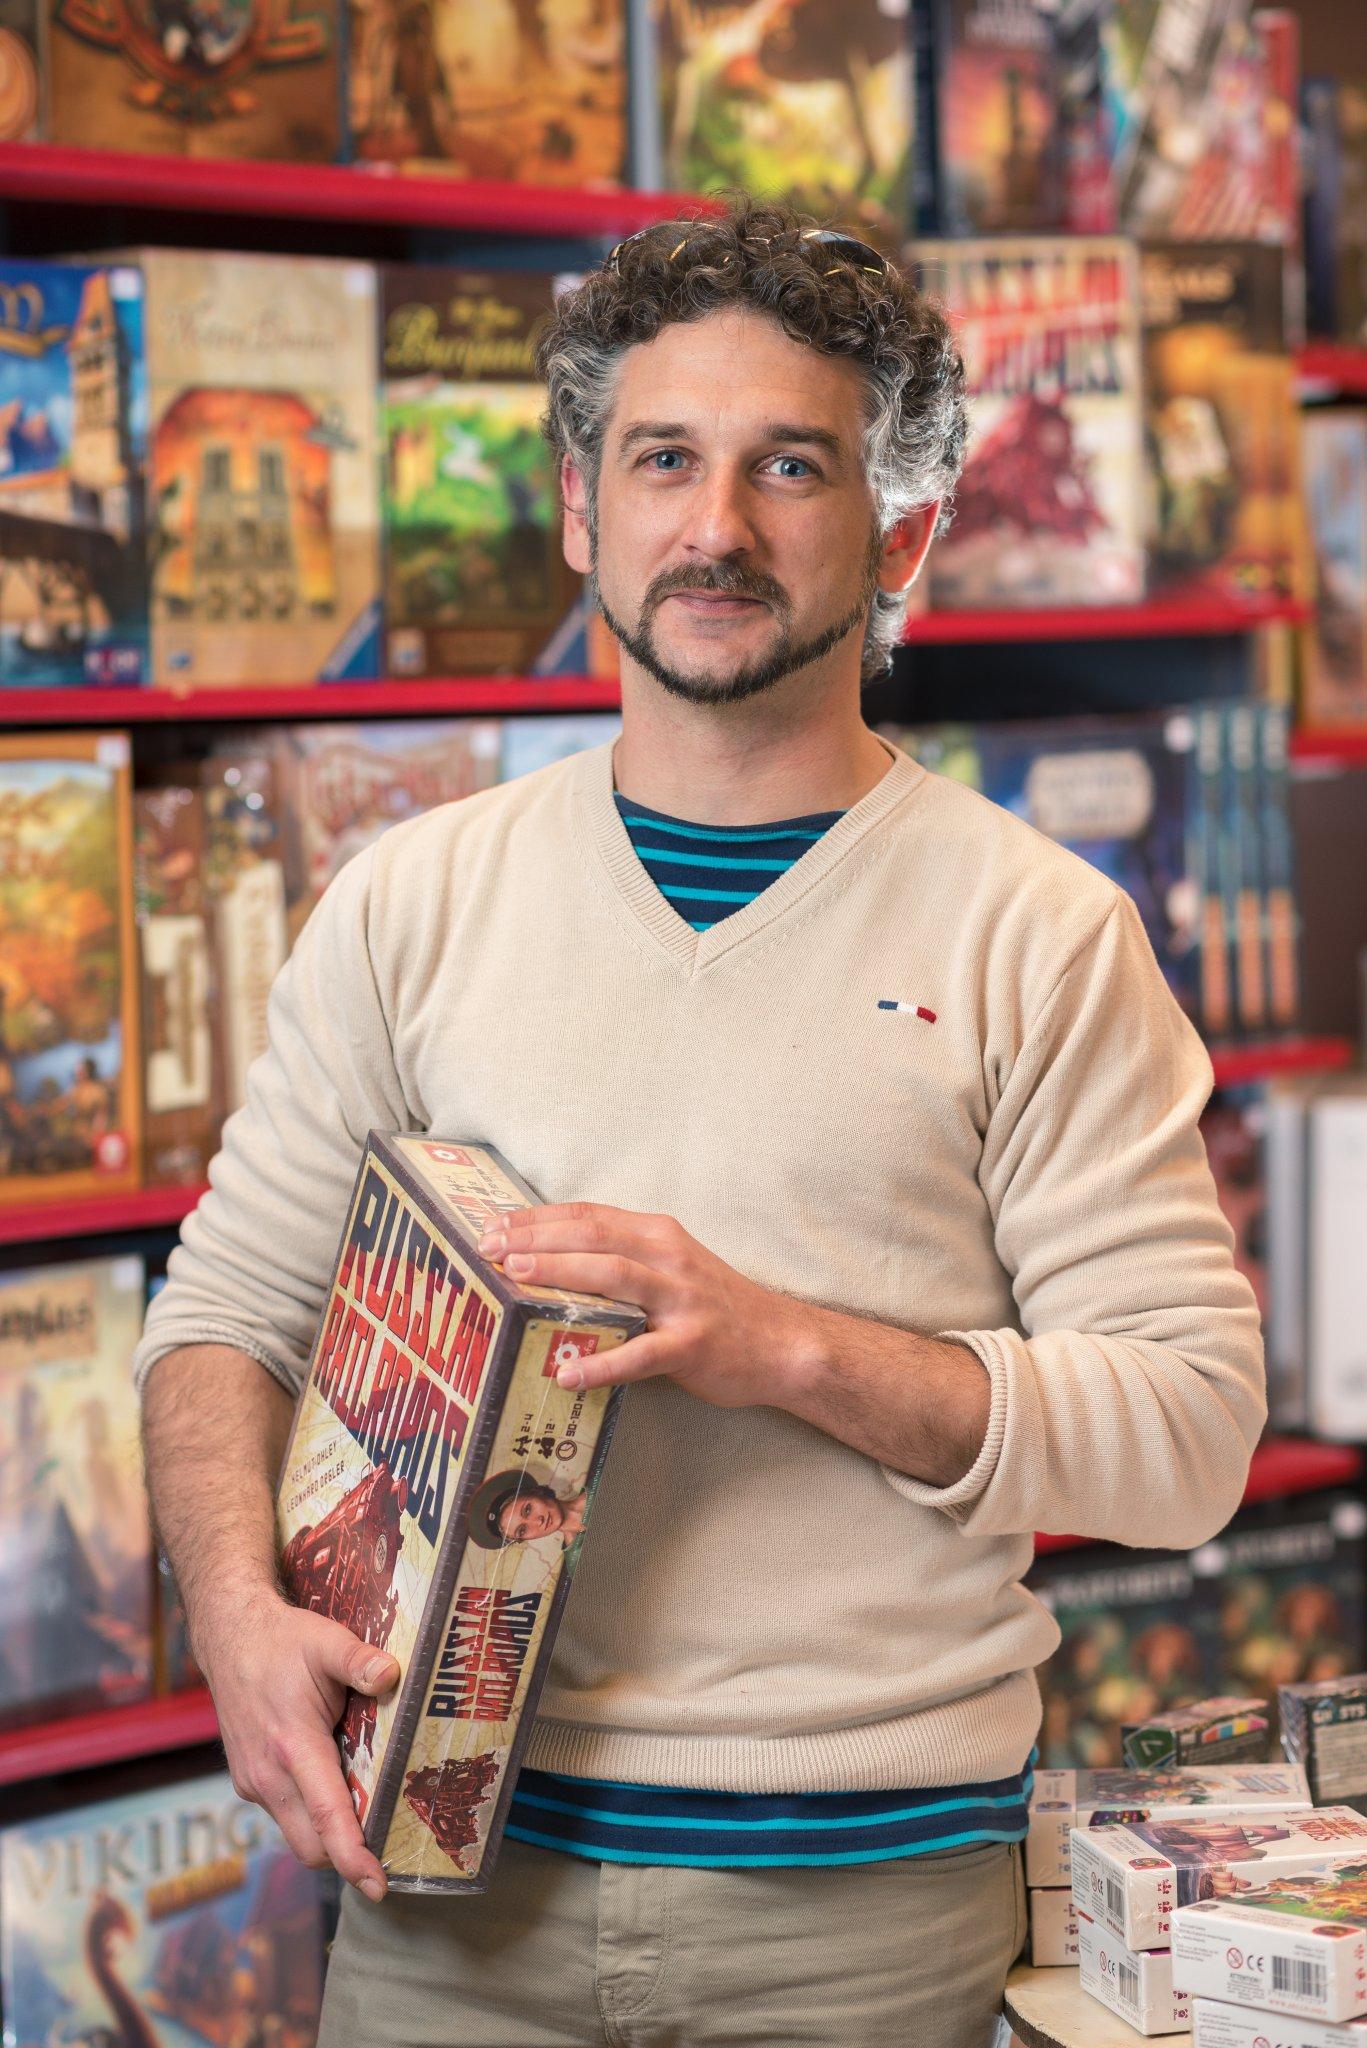 Photographe Lyon Villeurbanne - portrait professionnel artisan commerçant entreprise - Renaud Vernet - Le Monde en Jeux - Gratte-Ciel